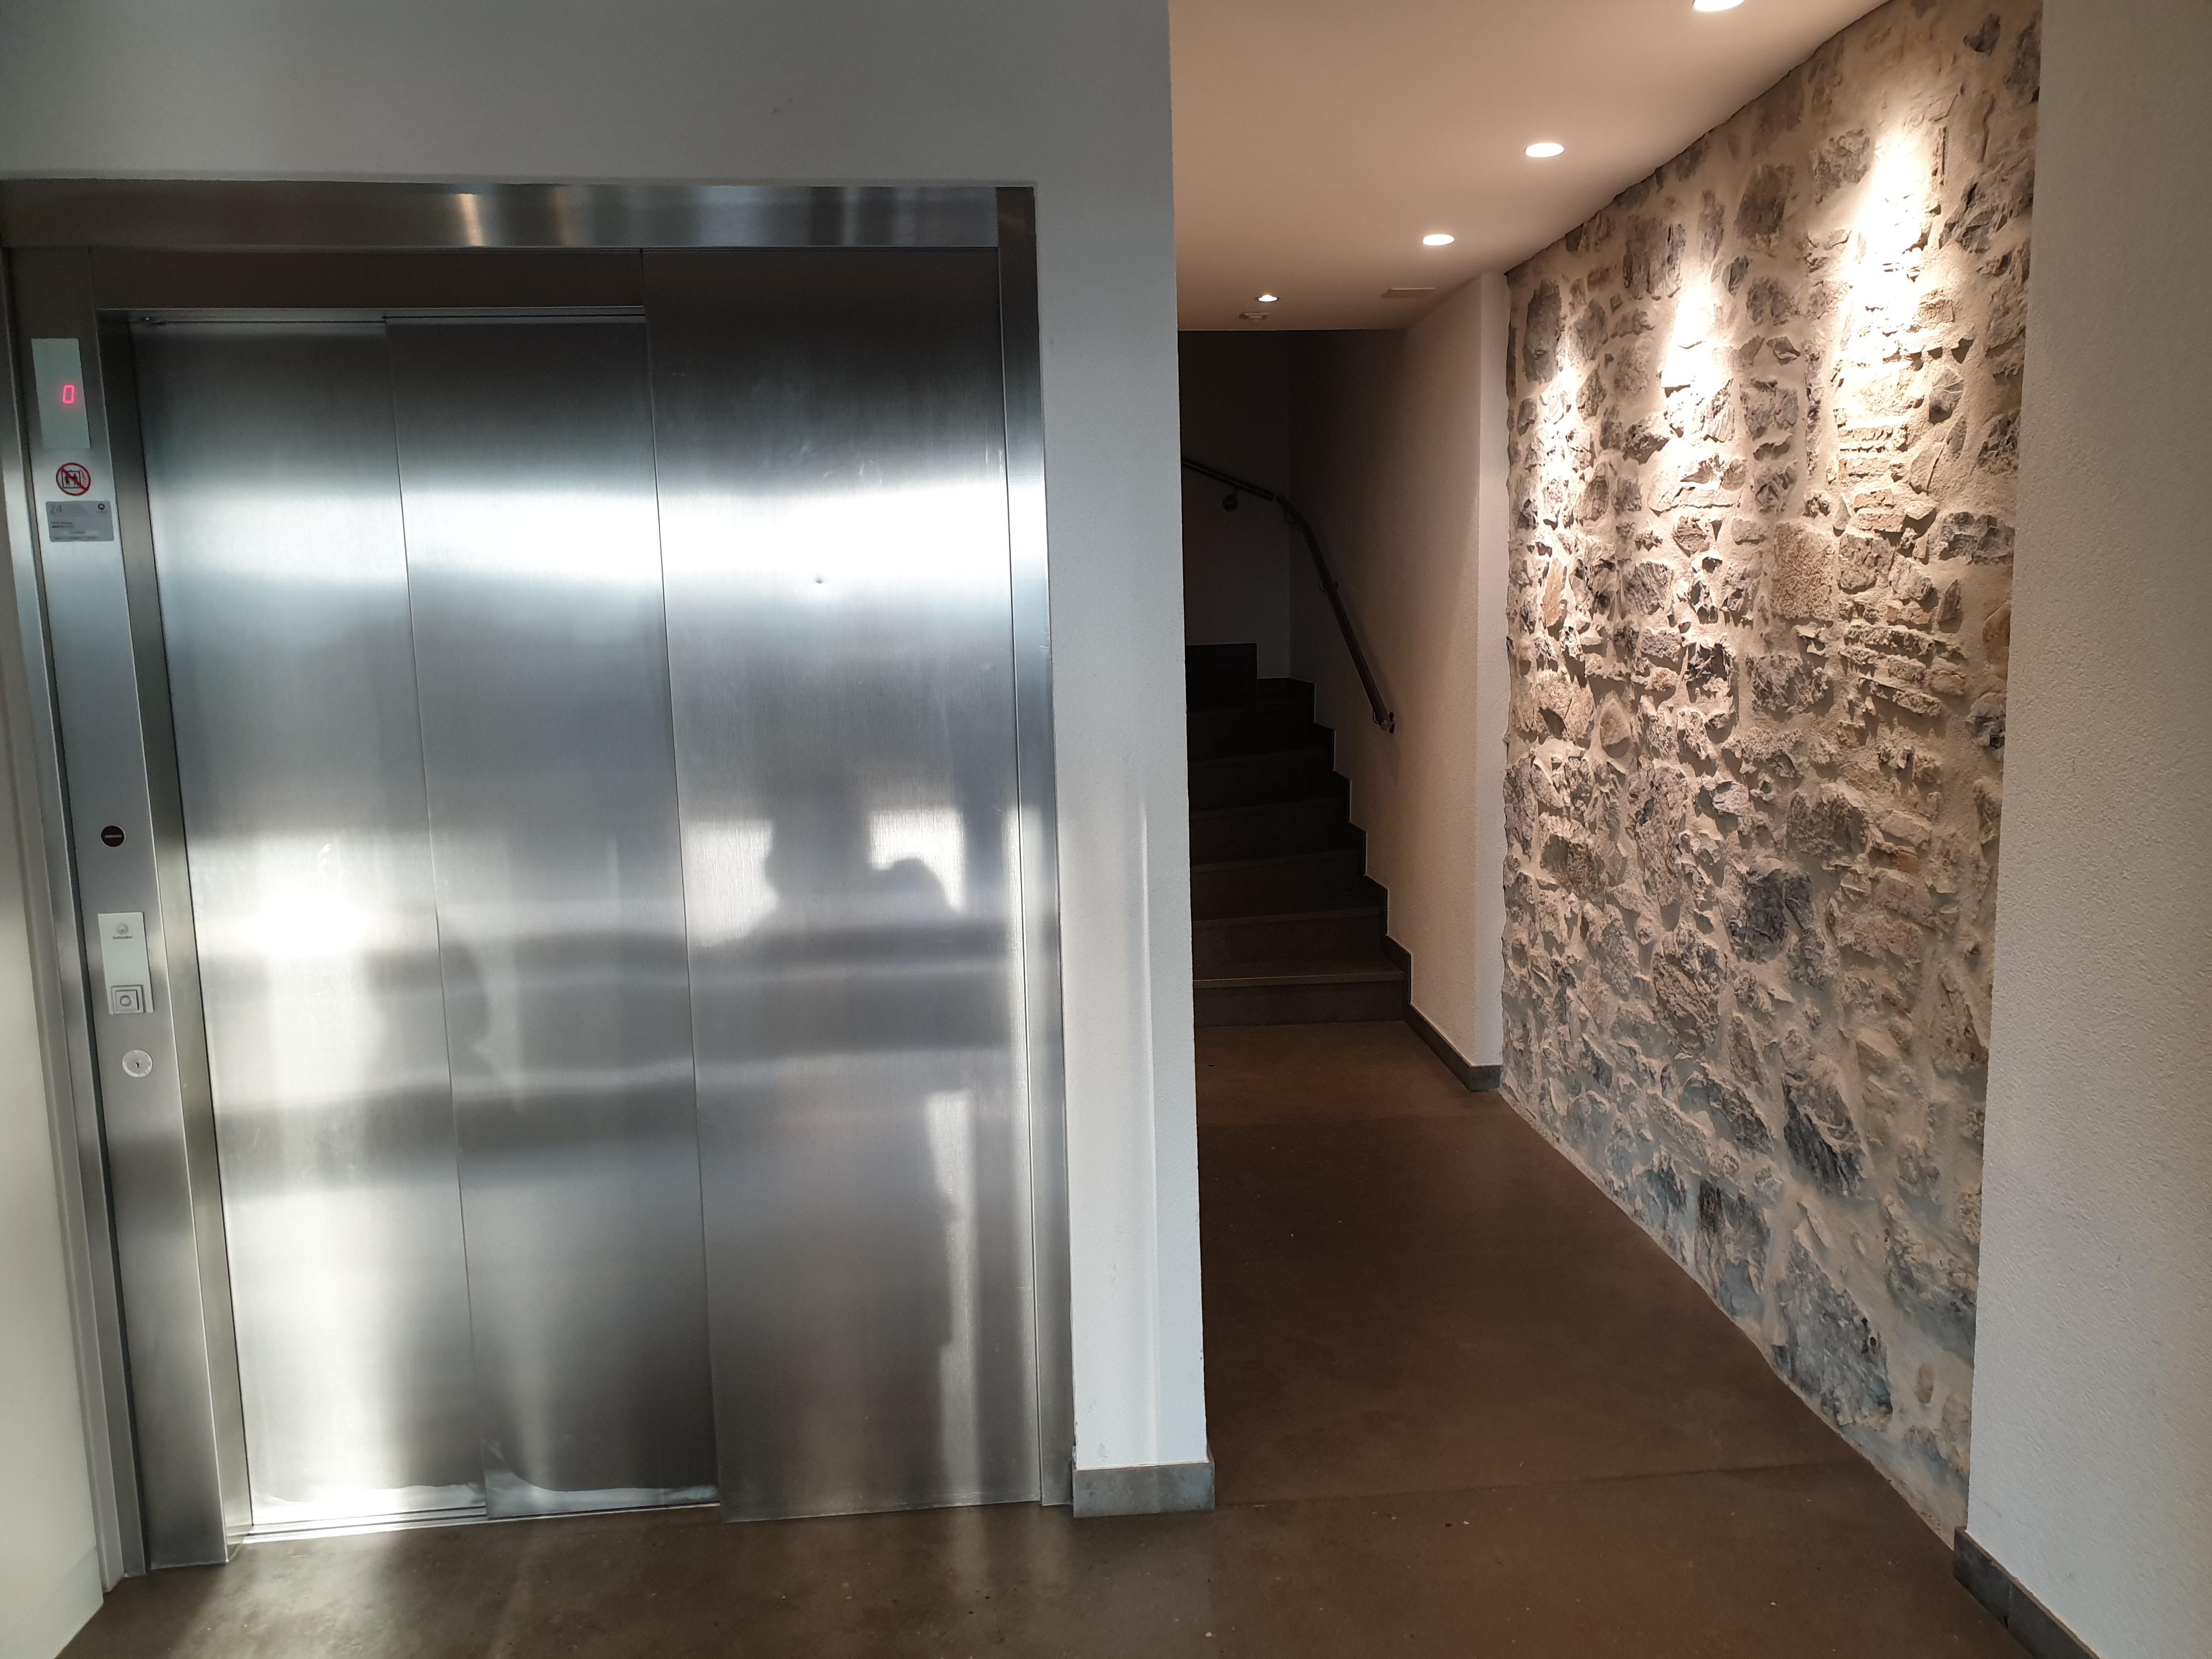 247 Concierge Montreux Grand Rue - 3 Bed Apt., Pays-d'Enhaut